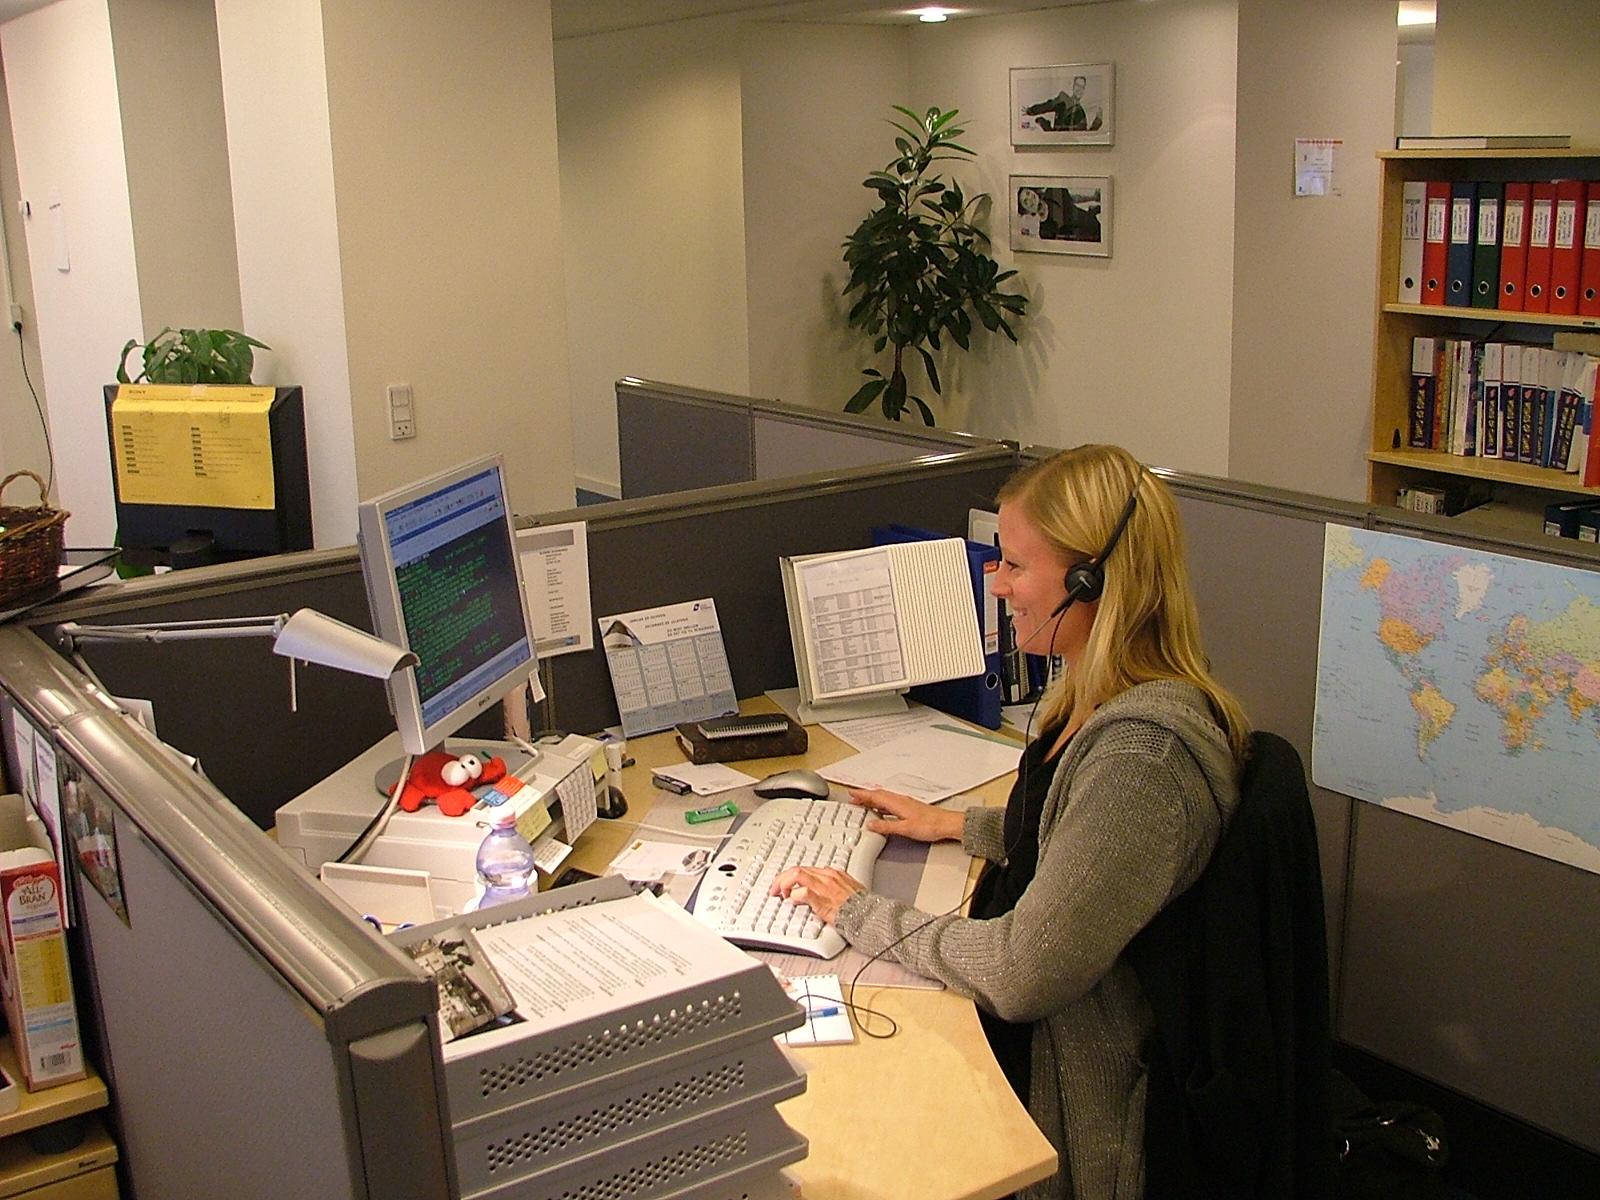 De danske rejsebureauer er i store problemer som følge af coronakrisen. Onsdag afleverede hurtigt arbejdende ekspertudvalg en række forslag til den kommende politiske af rejsebureaubranchens udfordringer. Arkivfoto.